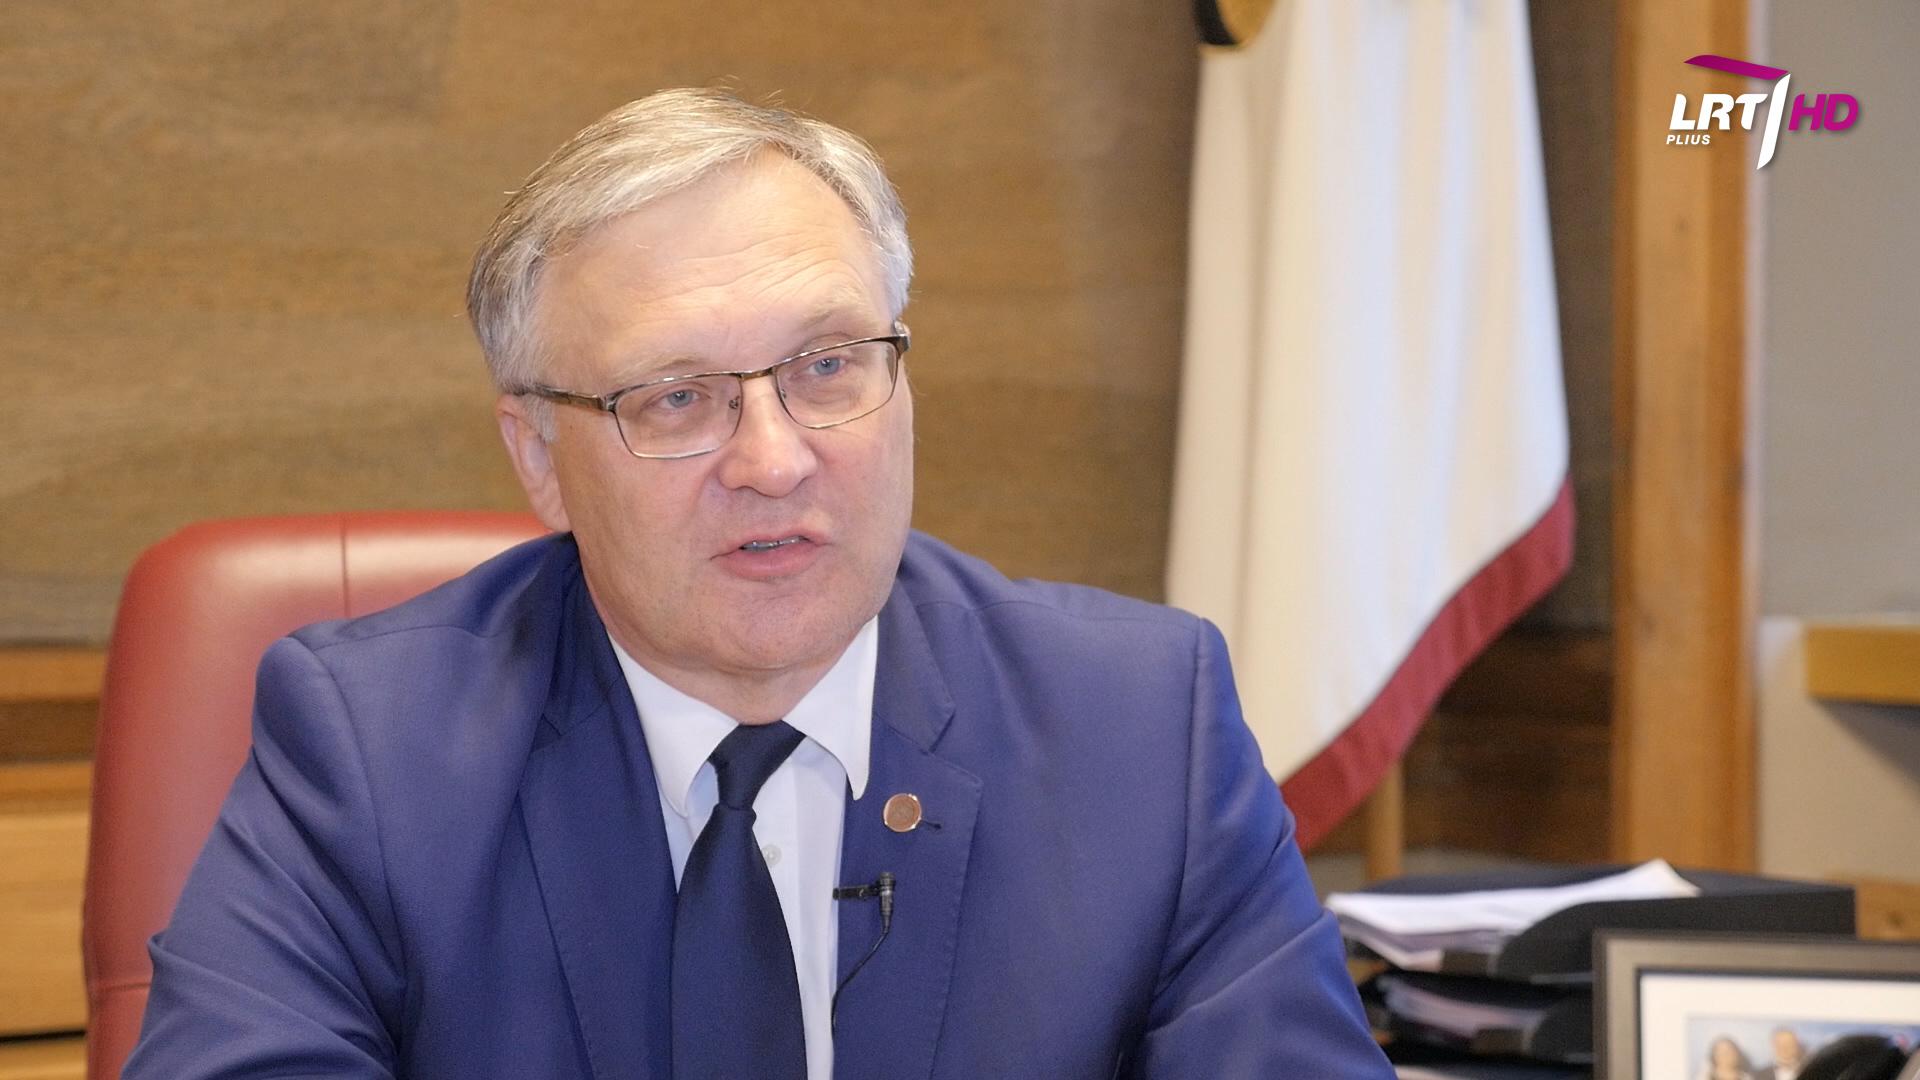 Vilniaus universiteto rektorius Artūras Žukauskas | LRT nuotr.